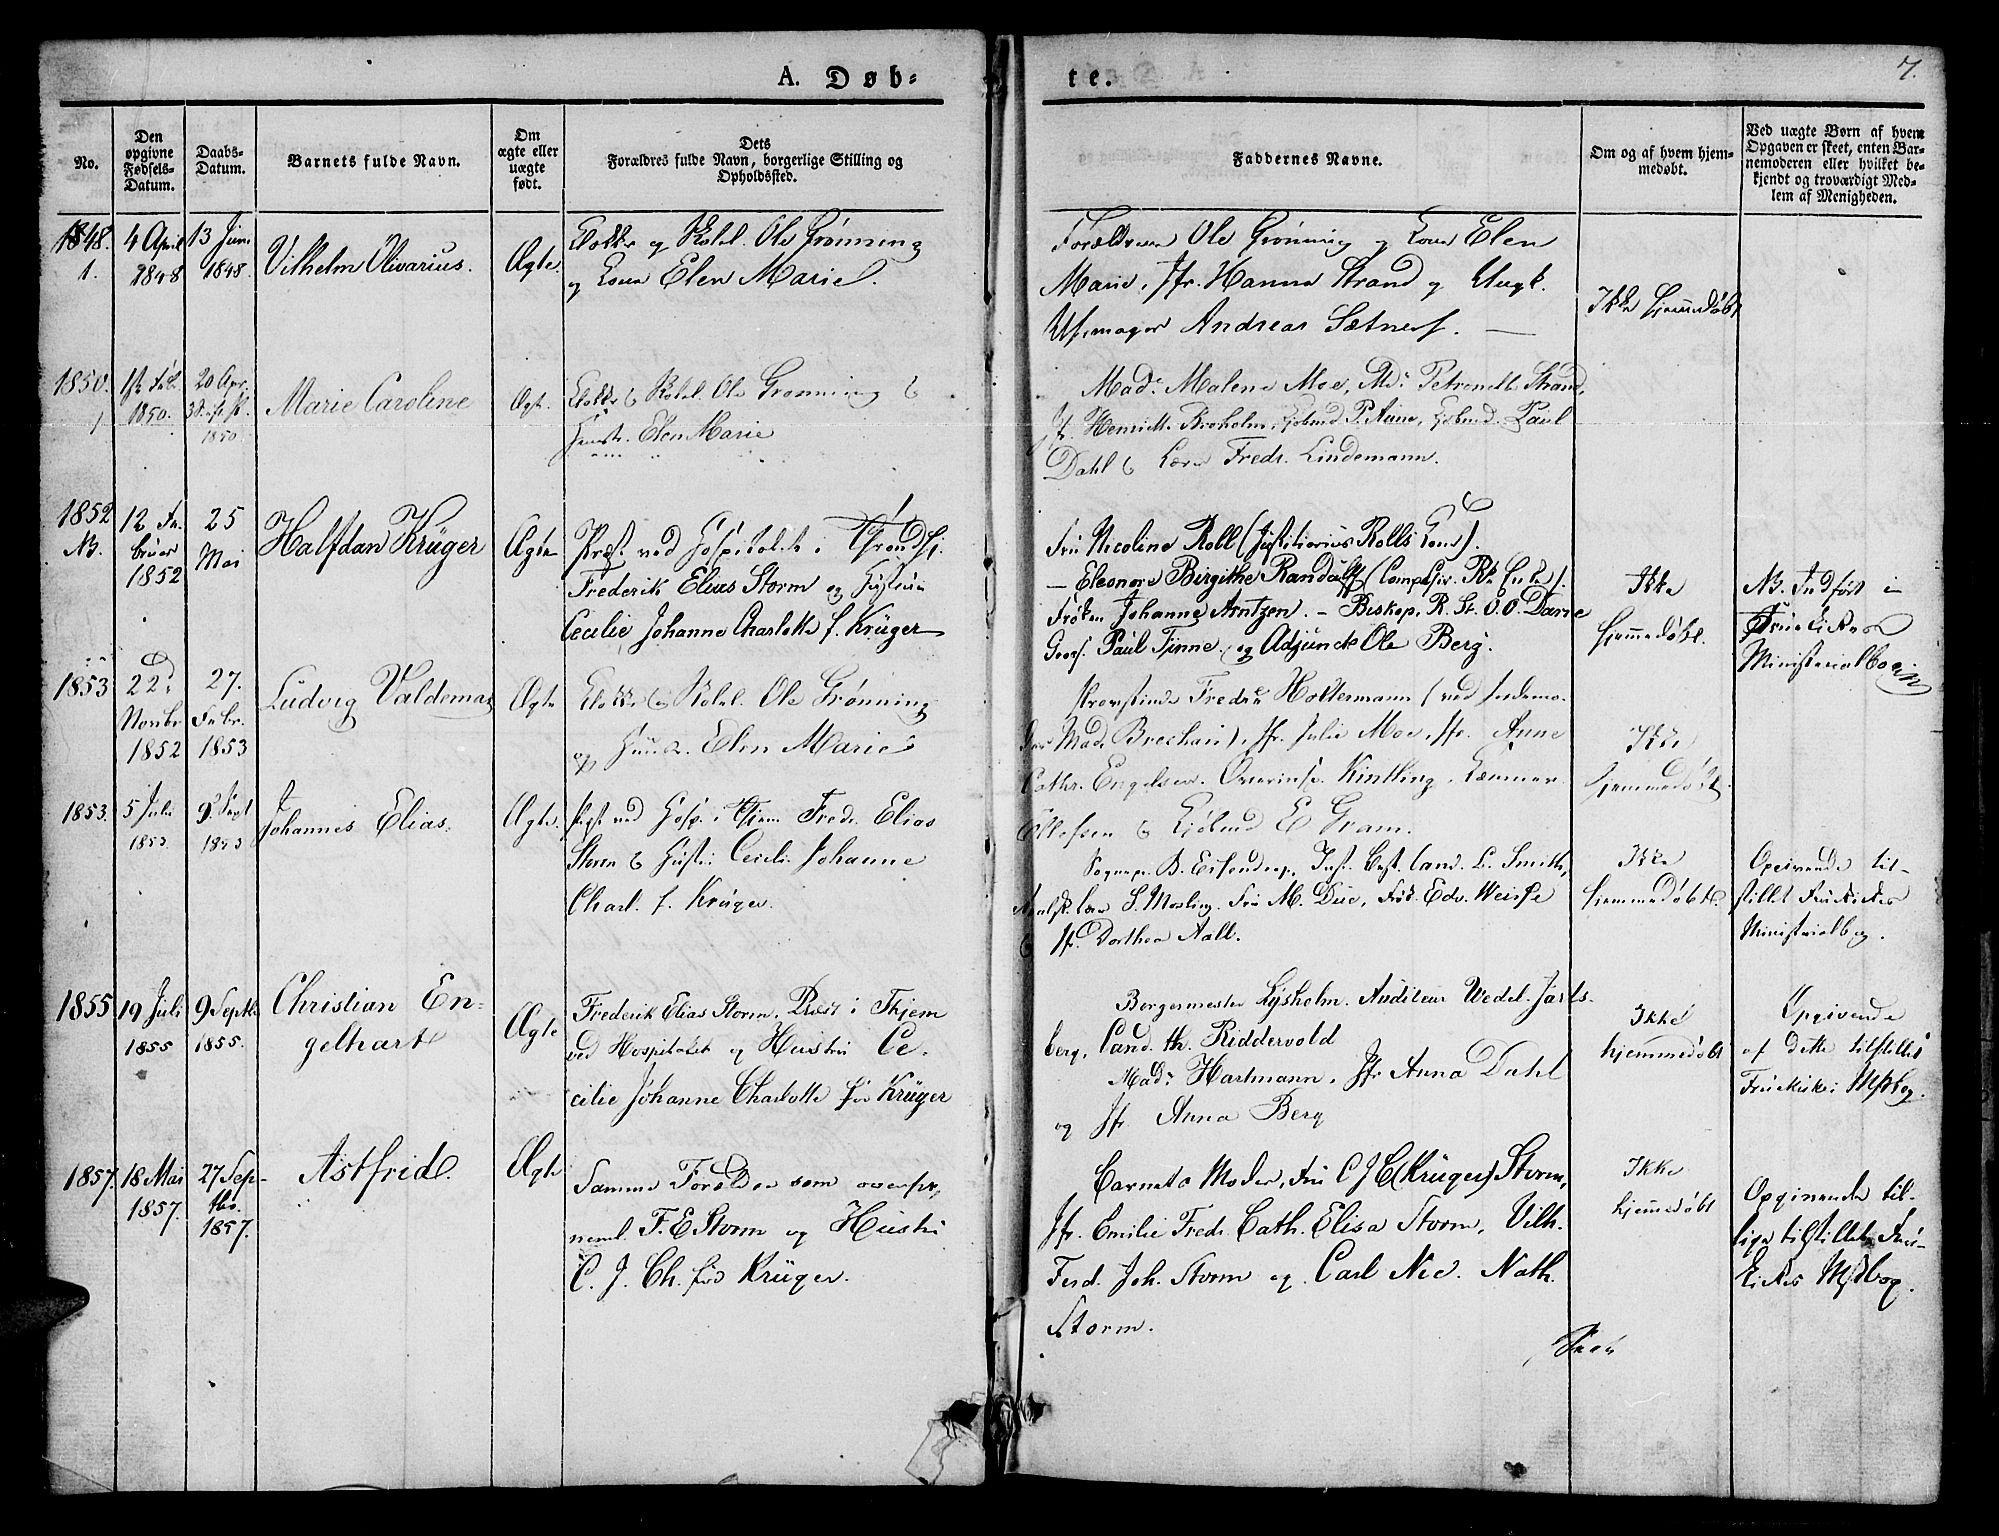 SAT, Ministerialprotokoller, klokkerbøker og fødselsregistre - Sør-Trøndelag, 623/L0468: Ministerialbok nr. 623A02, 1826-1867, s. 7